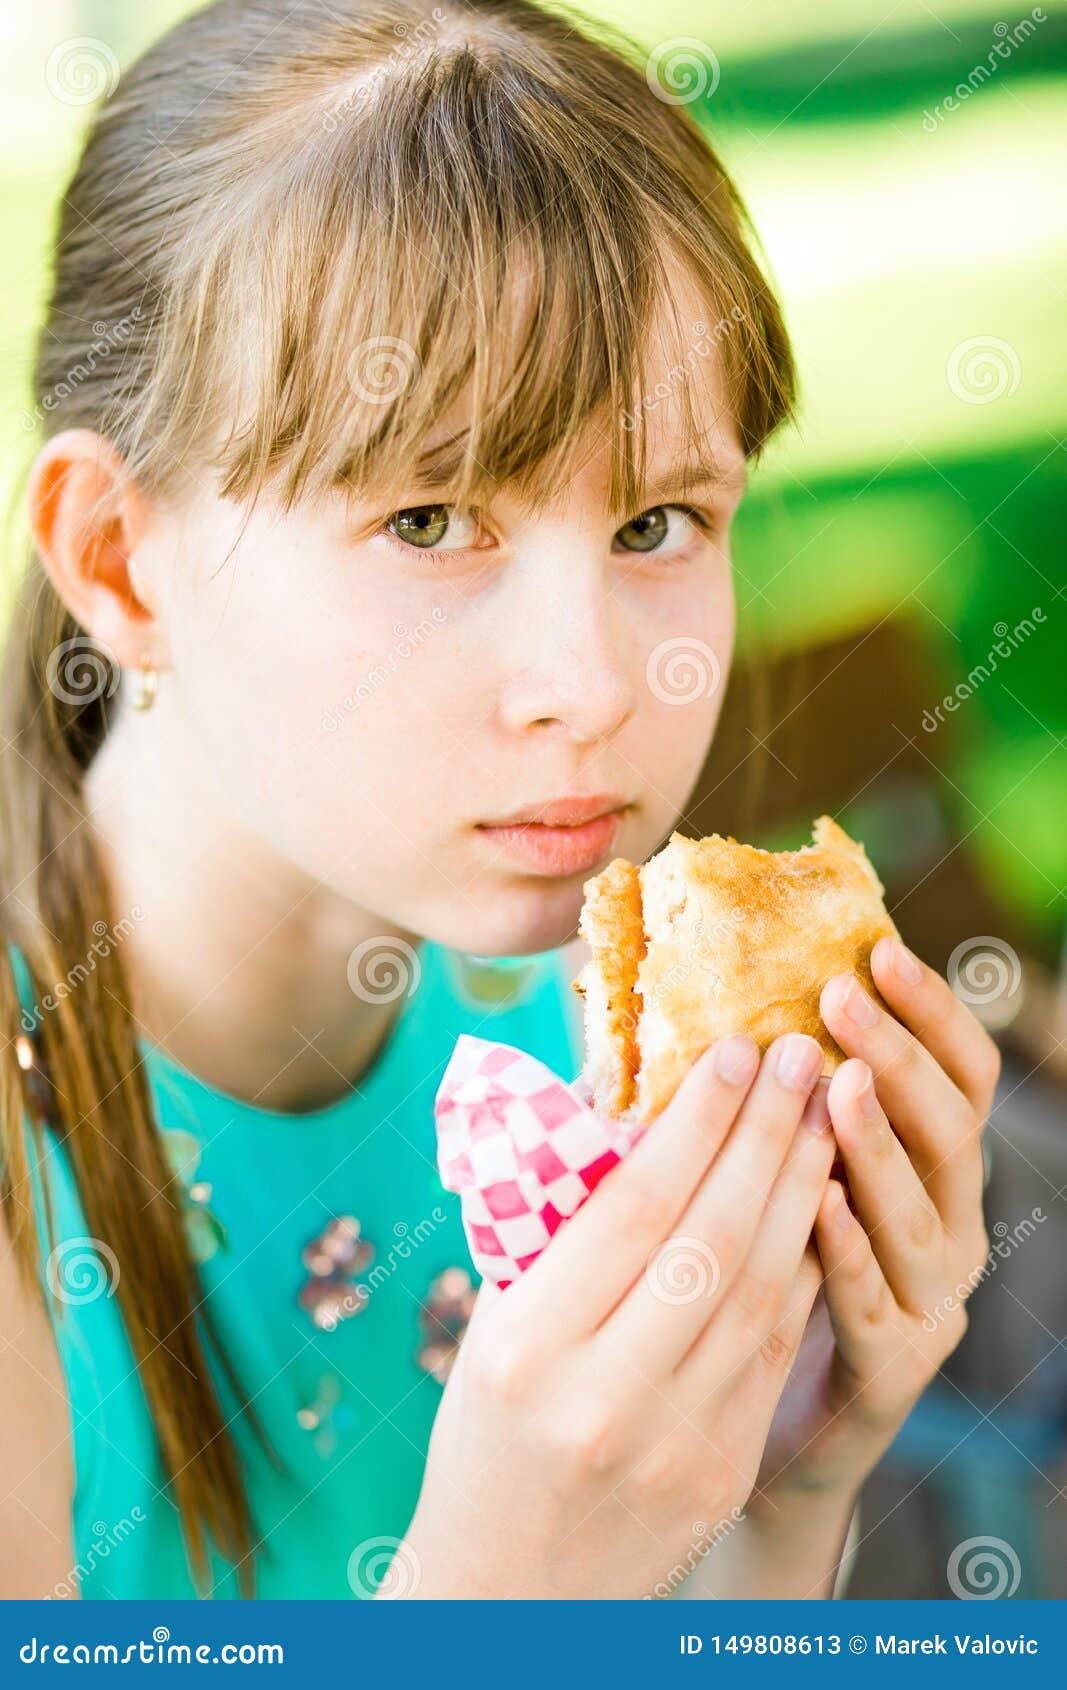 Девушка идет съесть гамбургер